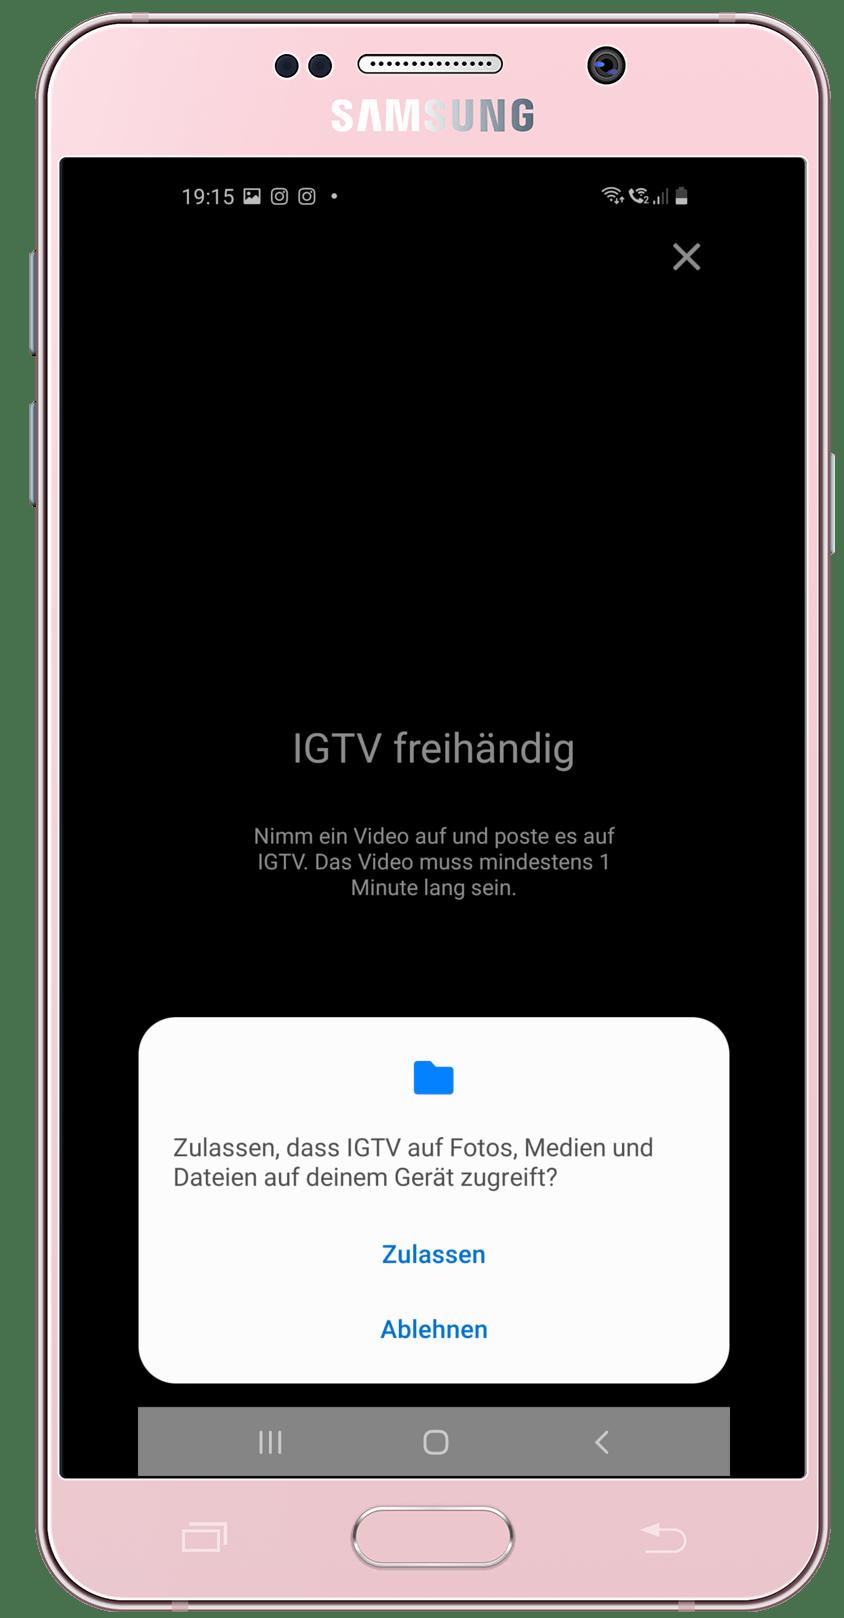 Selbstaufnahme IGTV